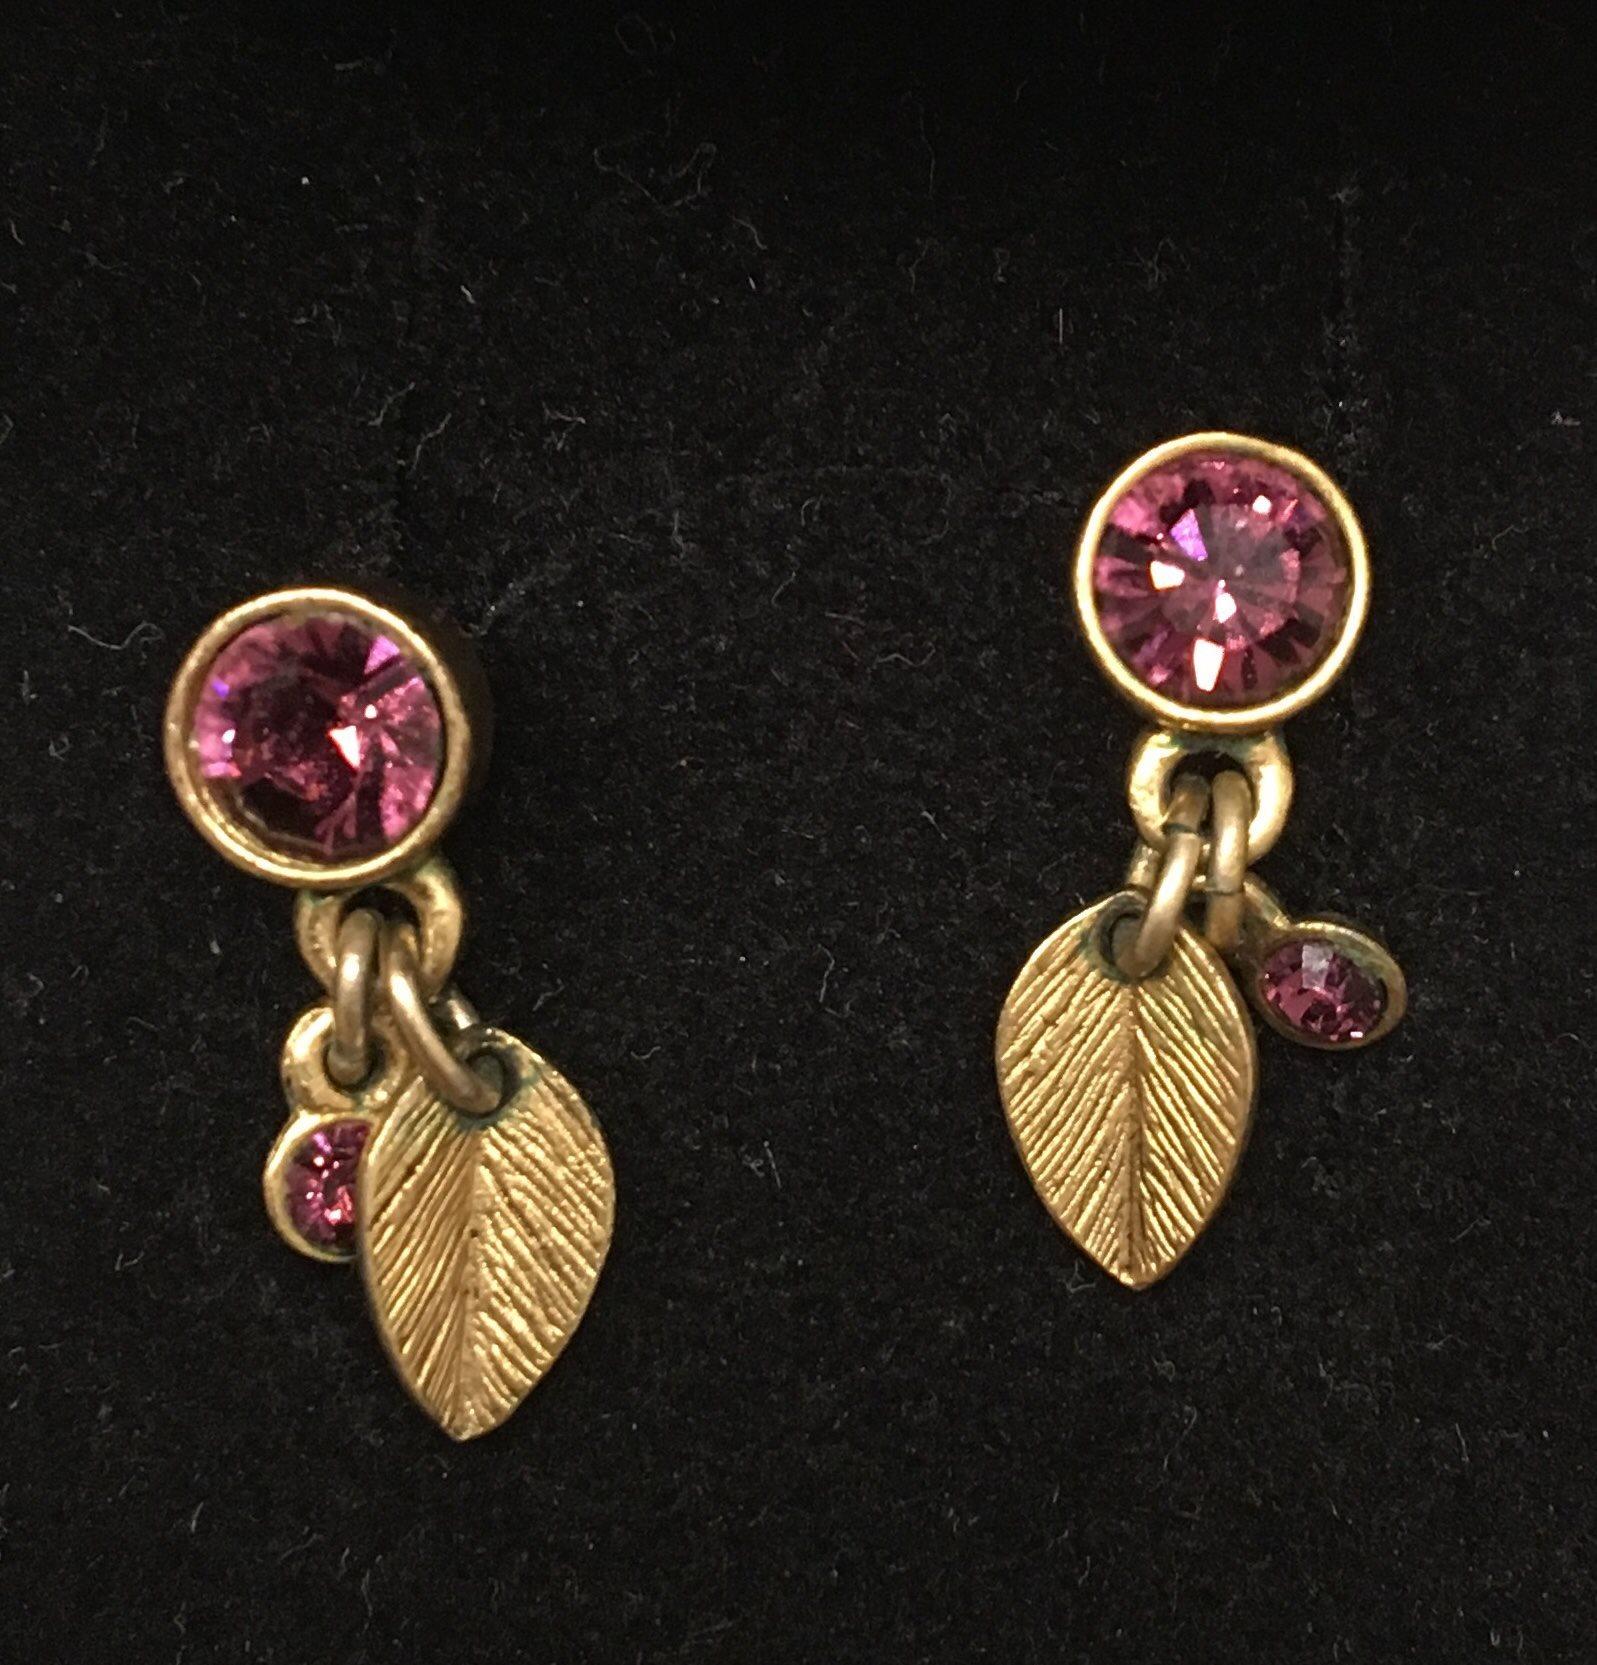 Pilgrim Örhängen små löv med lila stenar (332959728) ᐈ Köp på Tradera 3195735855b0a